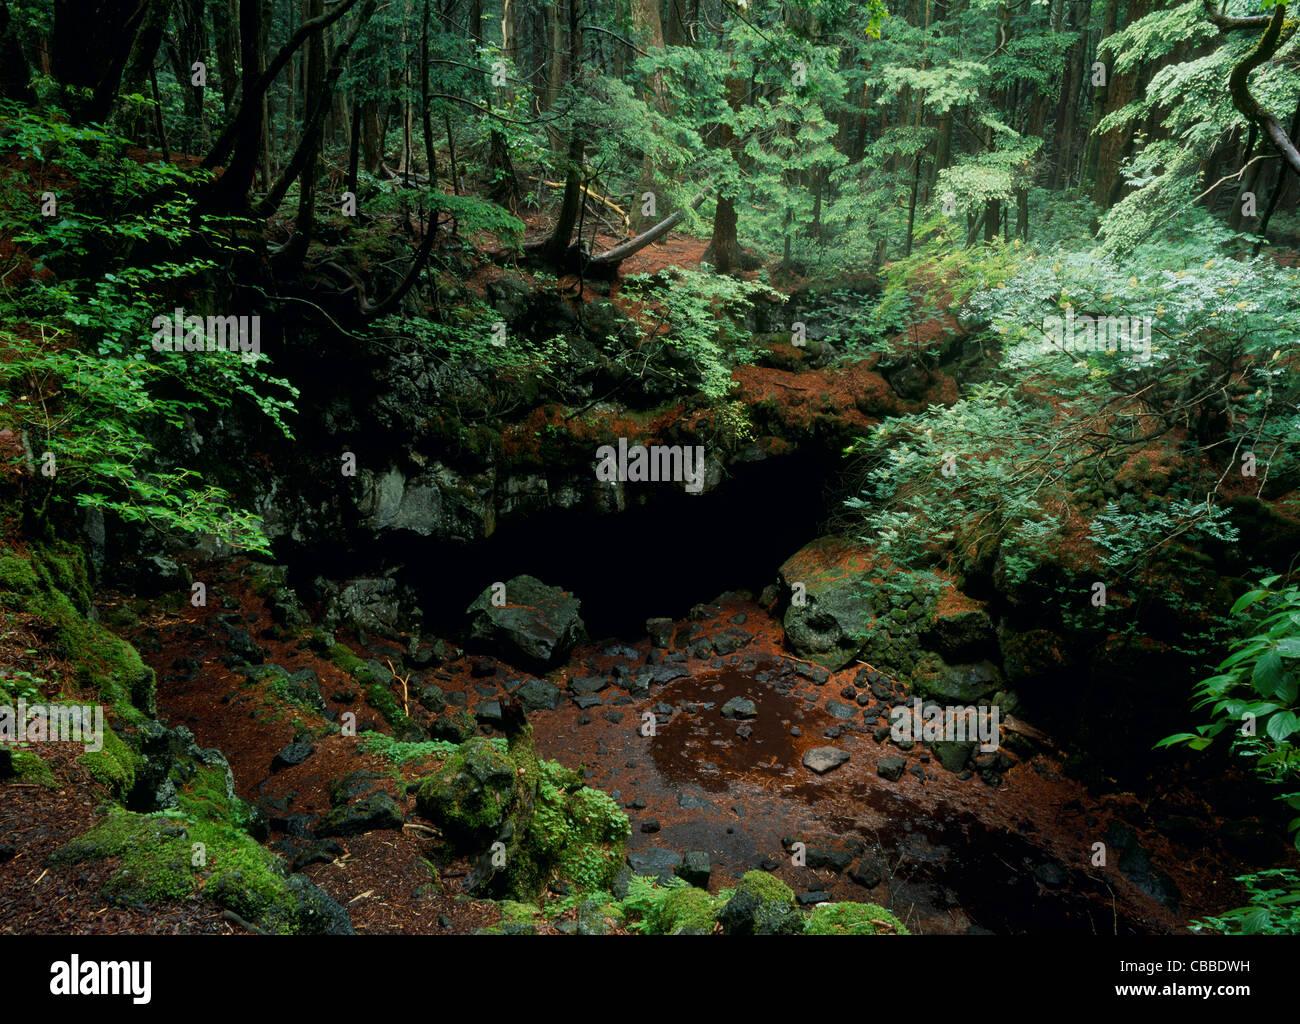 Fuji Wind Cave of Fuji Primeval Forest, Fujikawaguchiko, Yamanashi, Japan - Stock Image